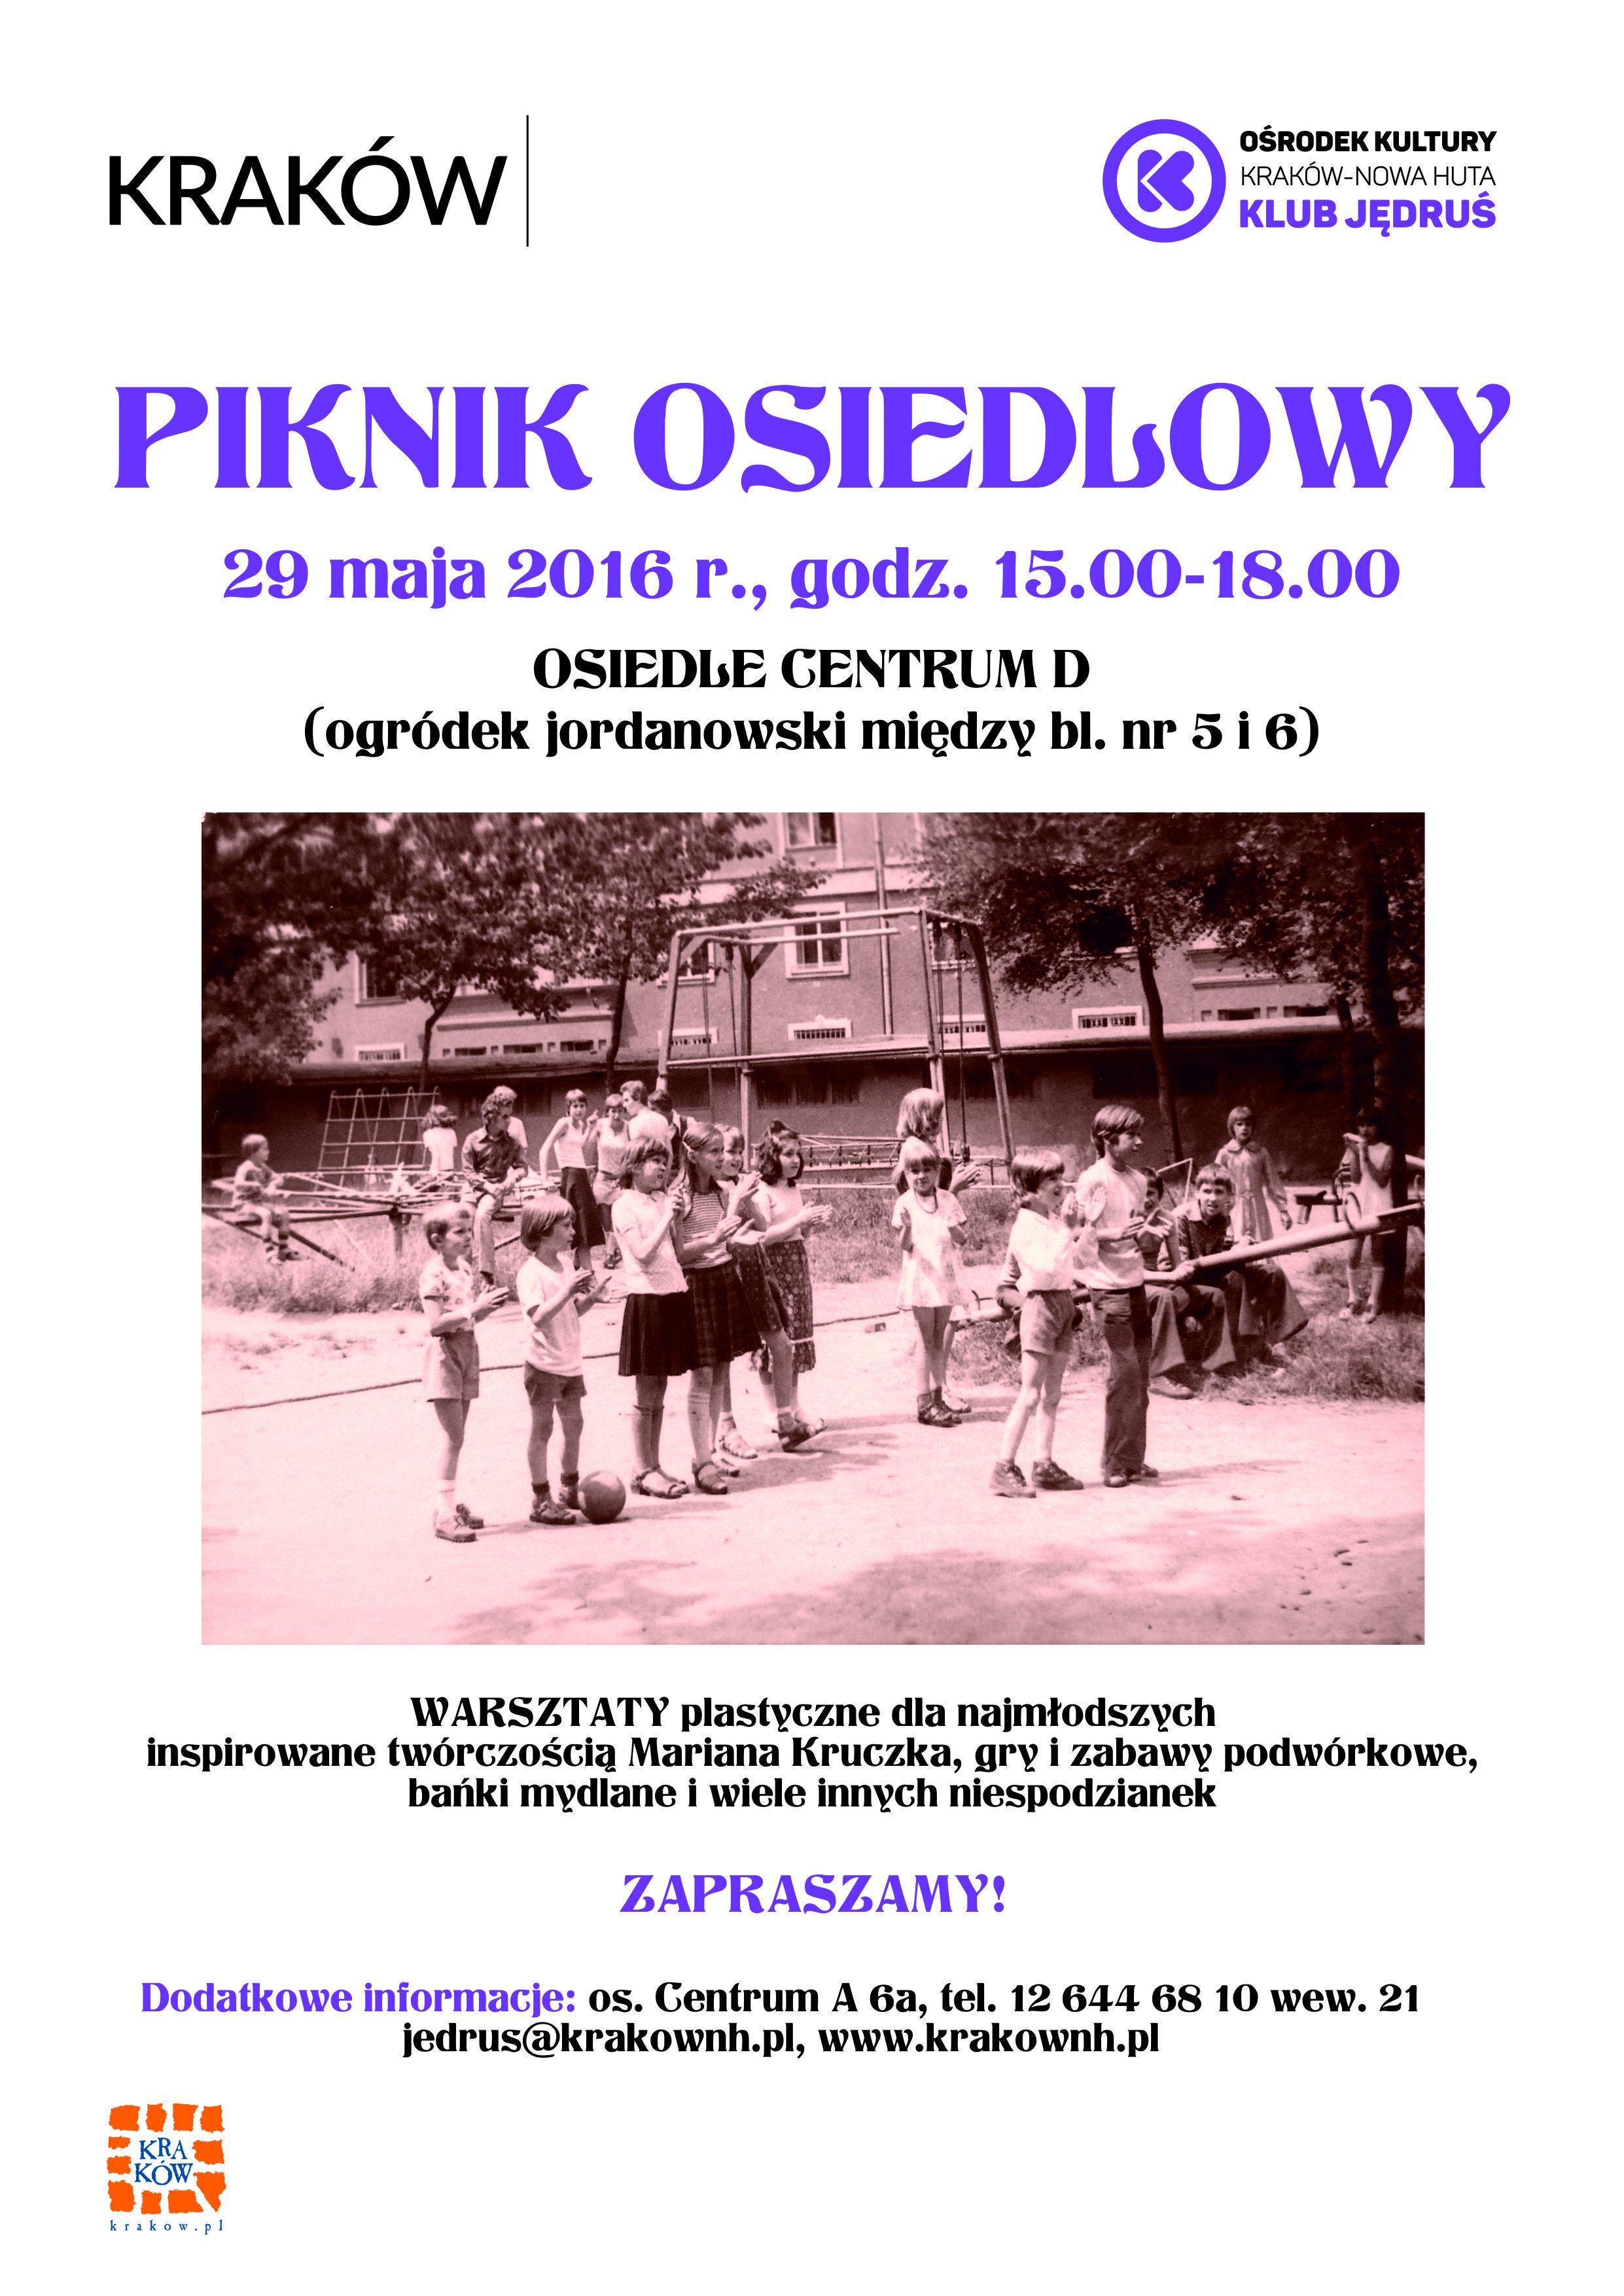 piknik osiedlowy w krakowie